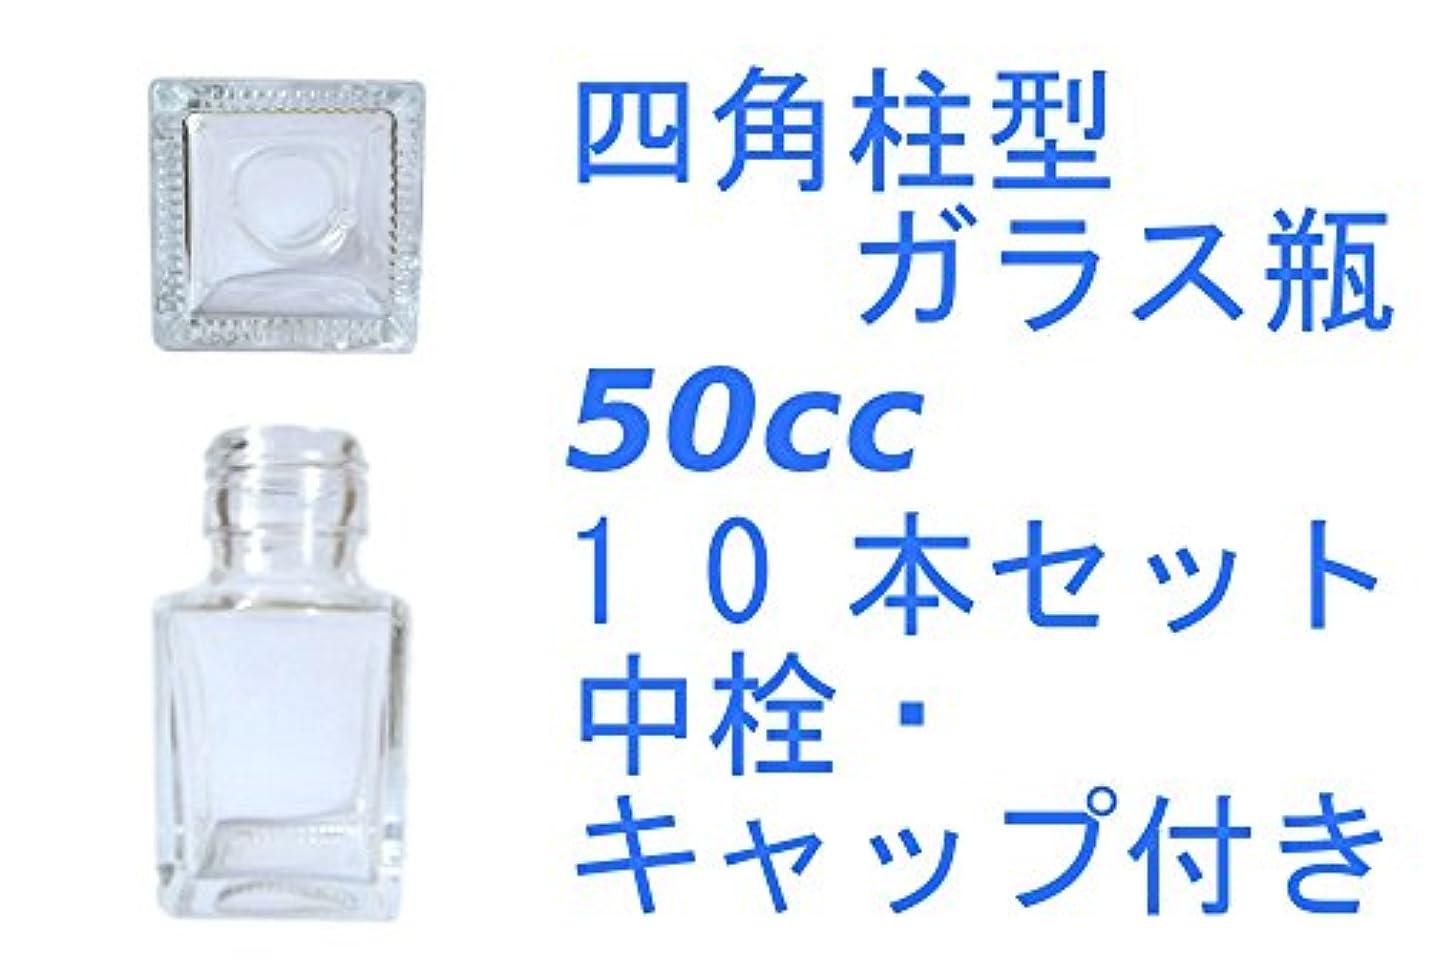 限界ユーザー誘発する(ジャストユーズ)JustU's 日本製 ポリ栓 中栓付き四角柱型ガラス瓶 10本セット 50cc 50ml アロマディフューザー ハーバリウム 調味料 オイル タレ ドレッシング瓶 B10-SSE50A-A